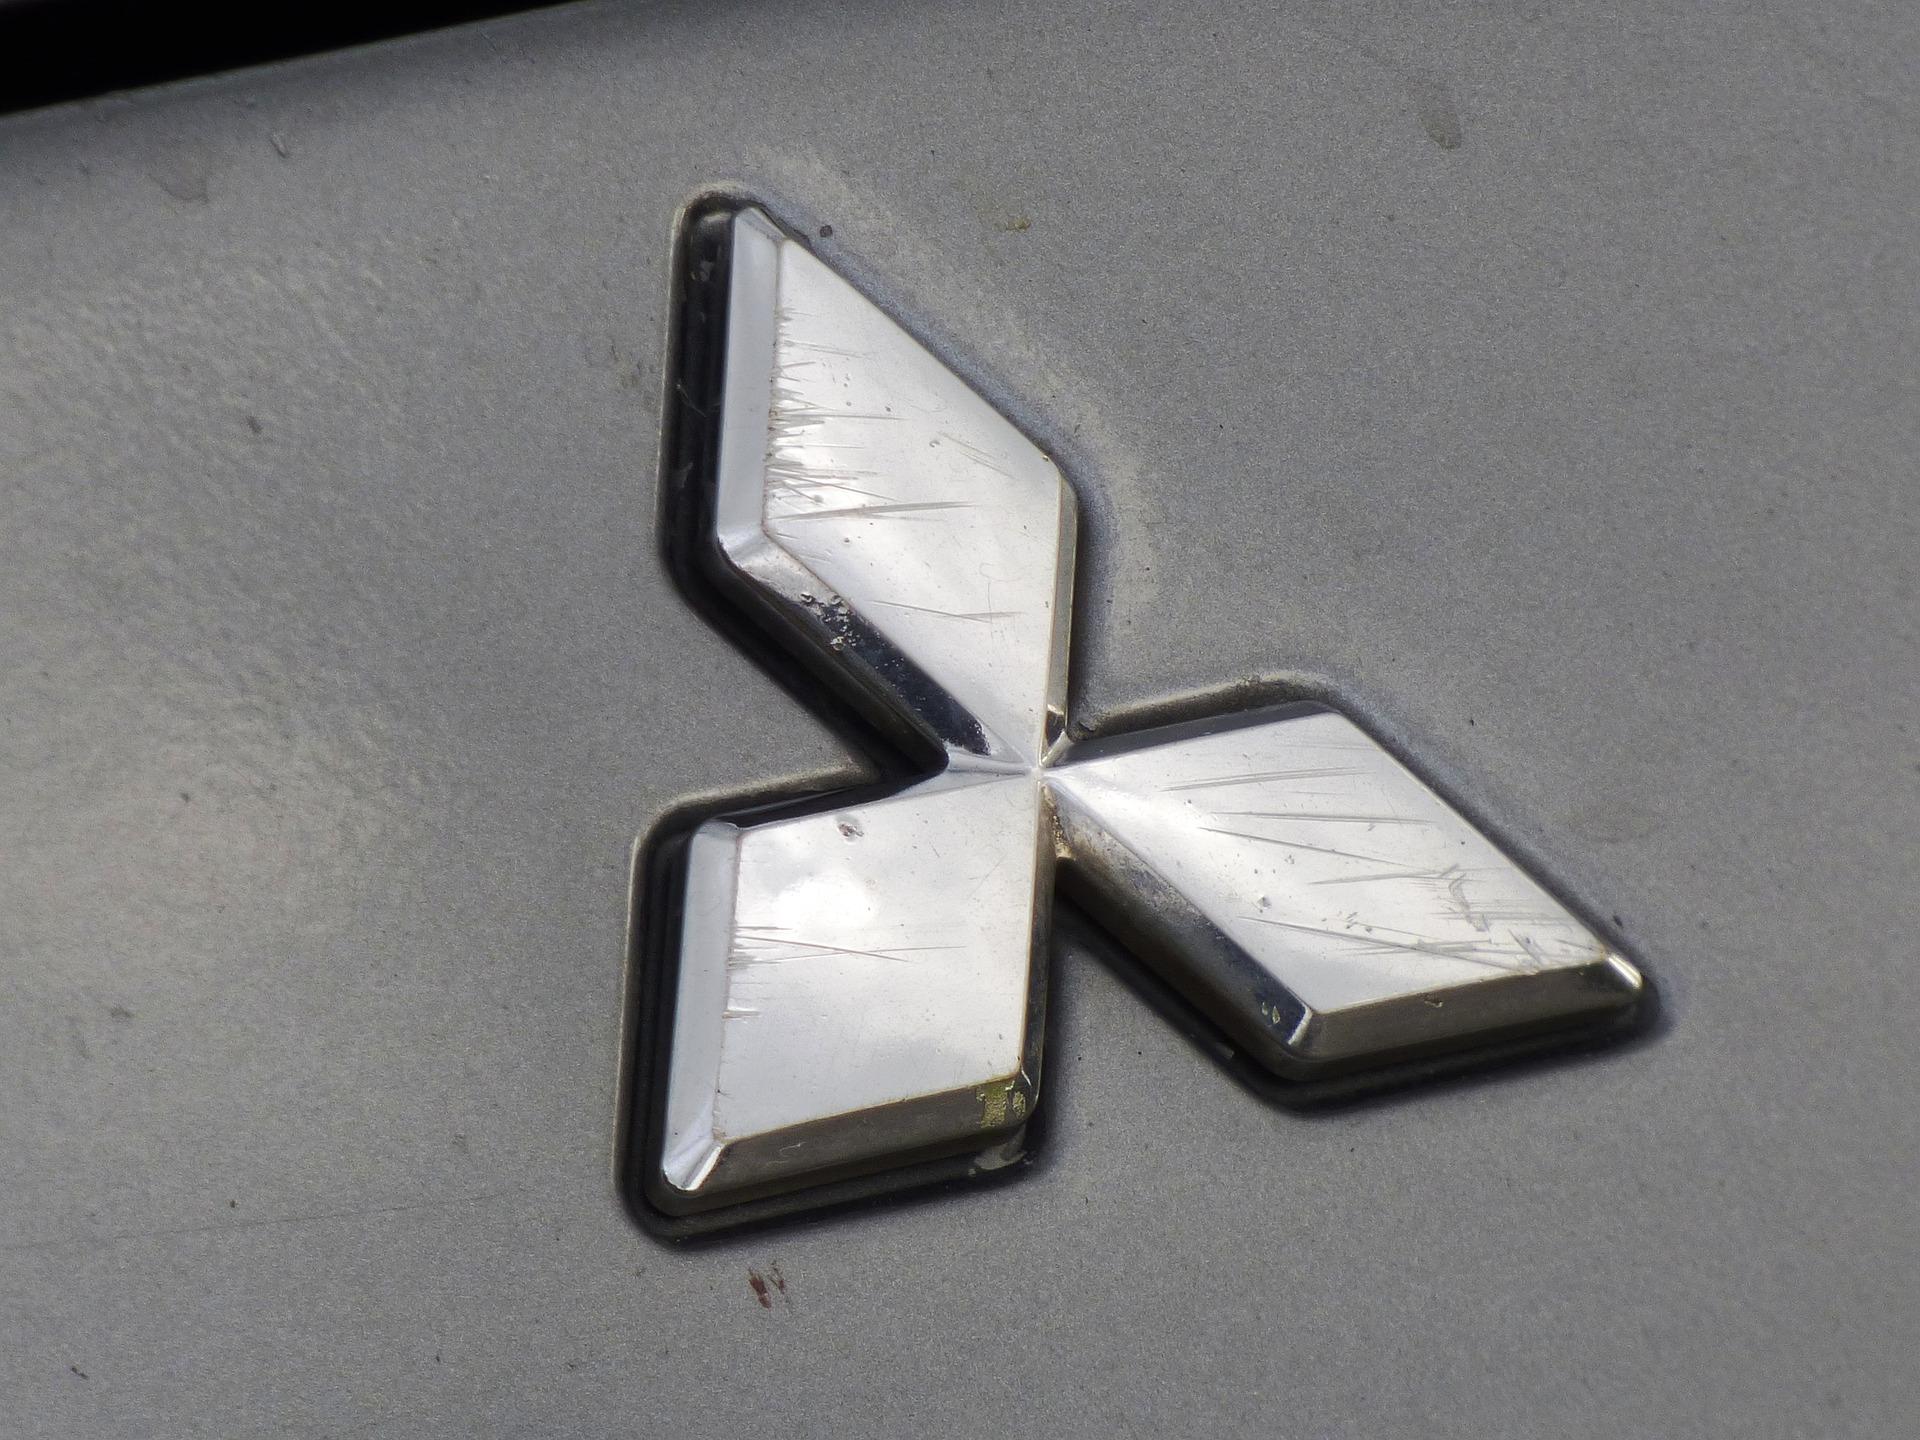 【企業力分析】三菱自動車工業 切羽詰まってないのに燃費不正